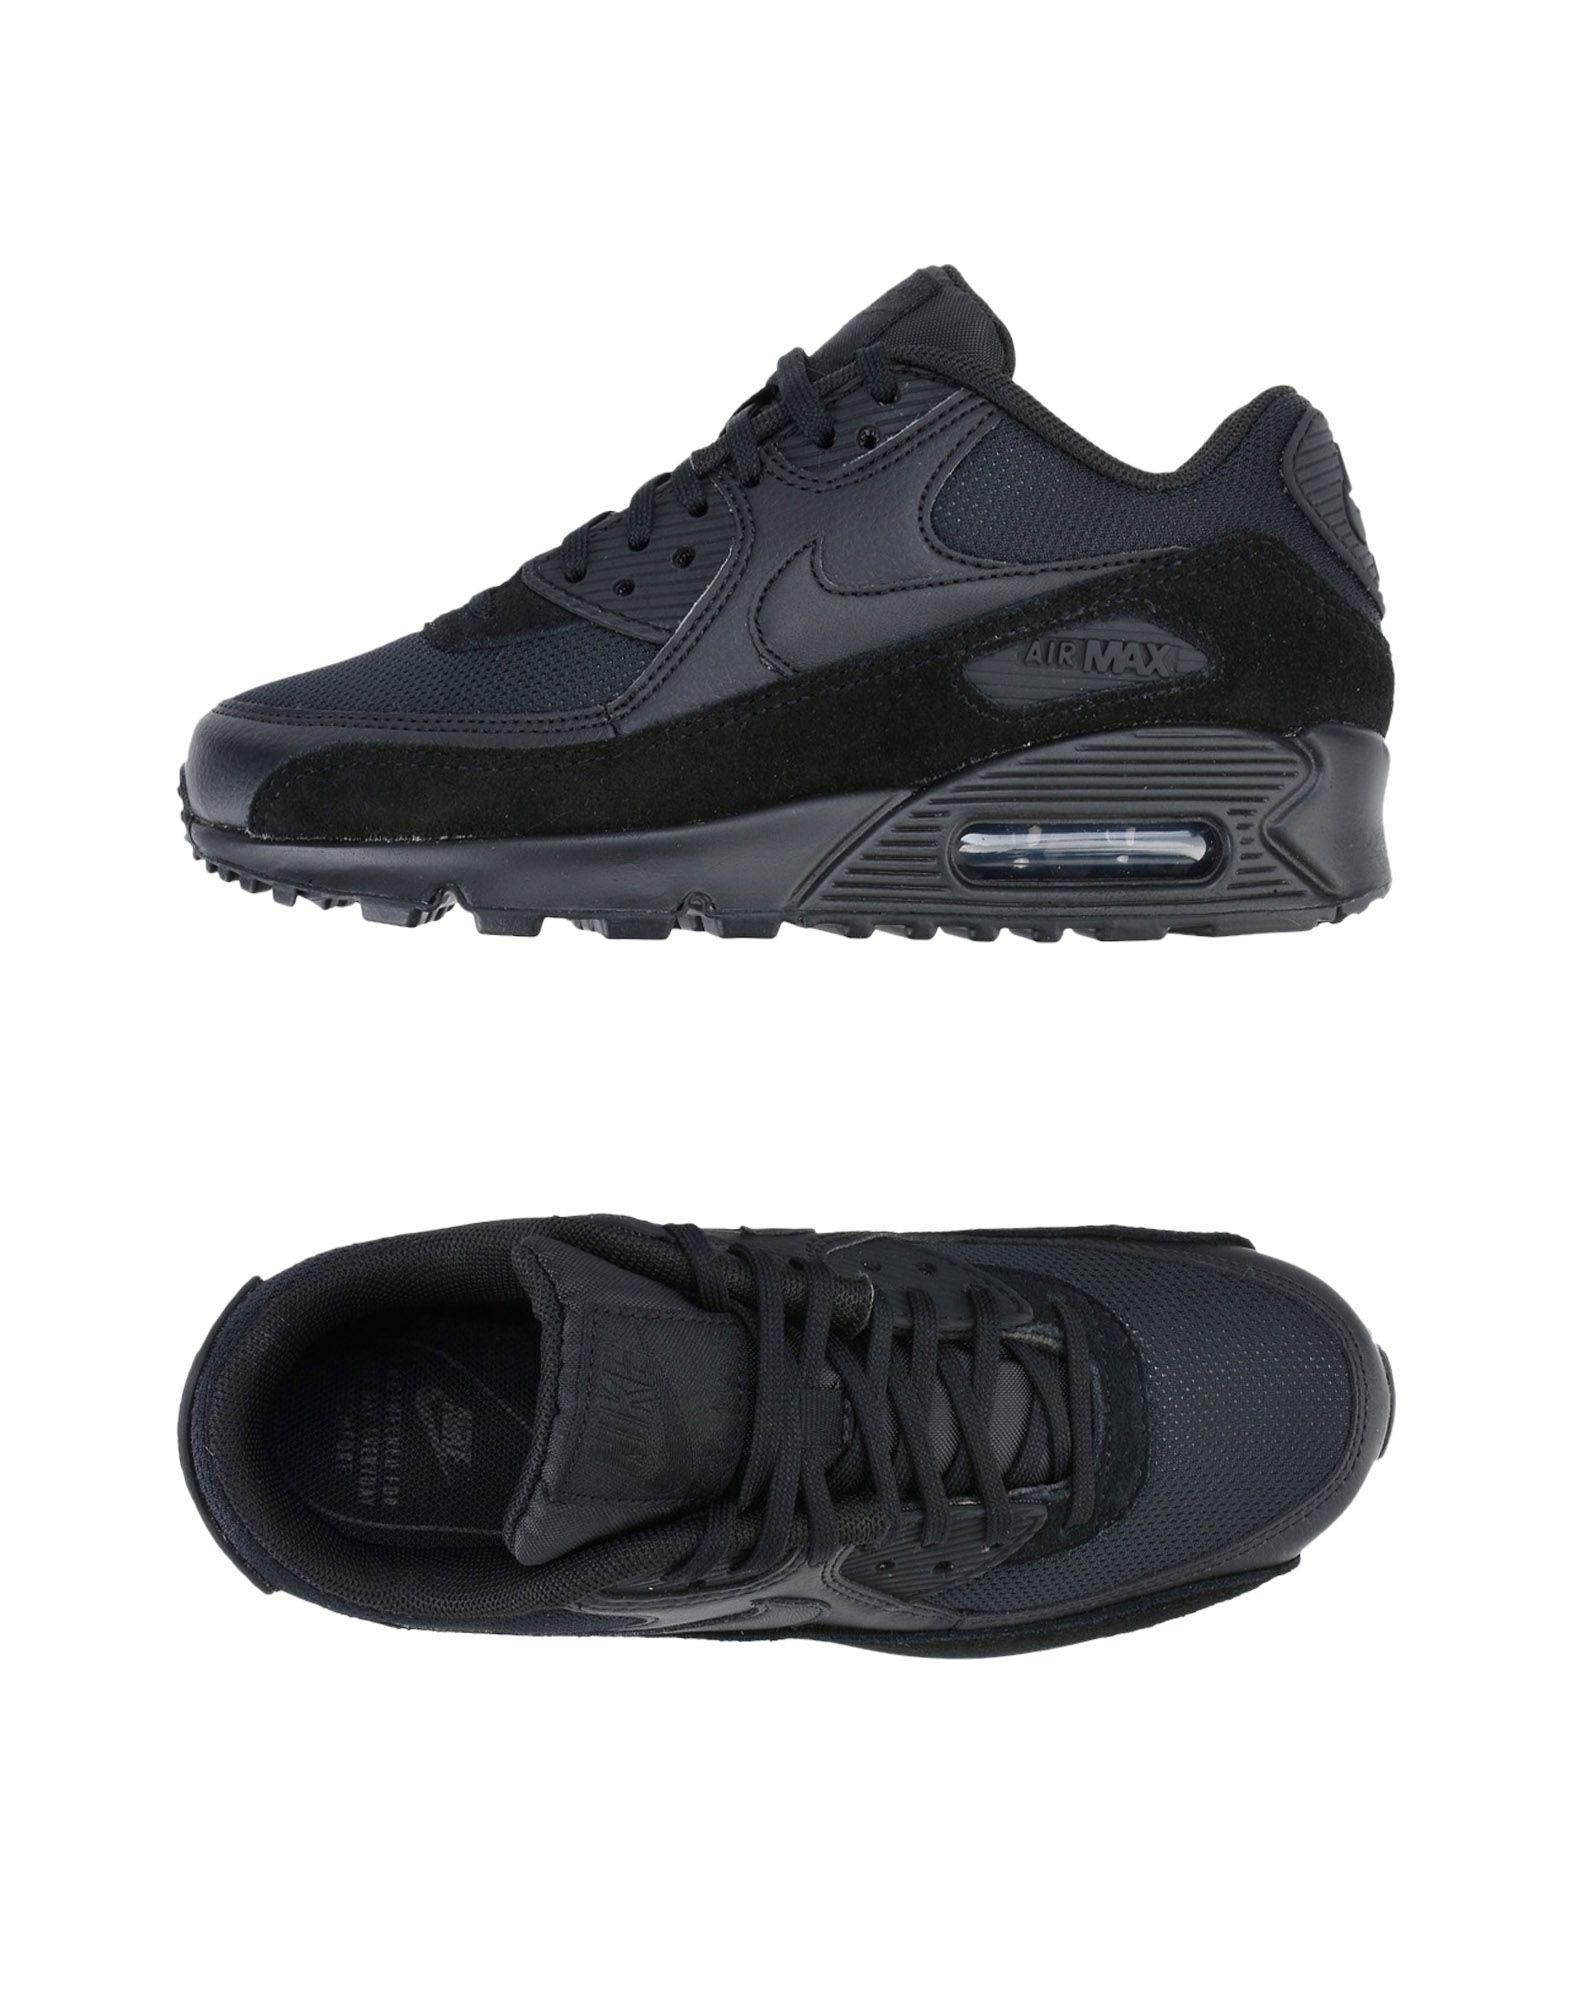 Scarpe da Max Ginnastica Nike Wmns Air Max da 90 - Donna - 11405560RW 277b4e